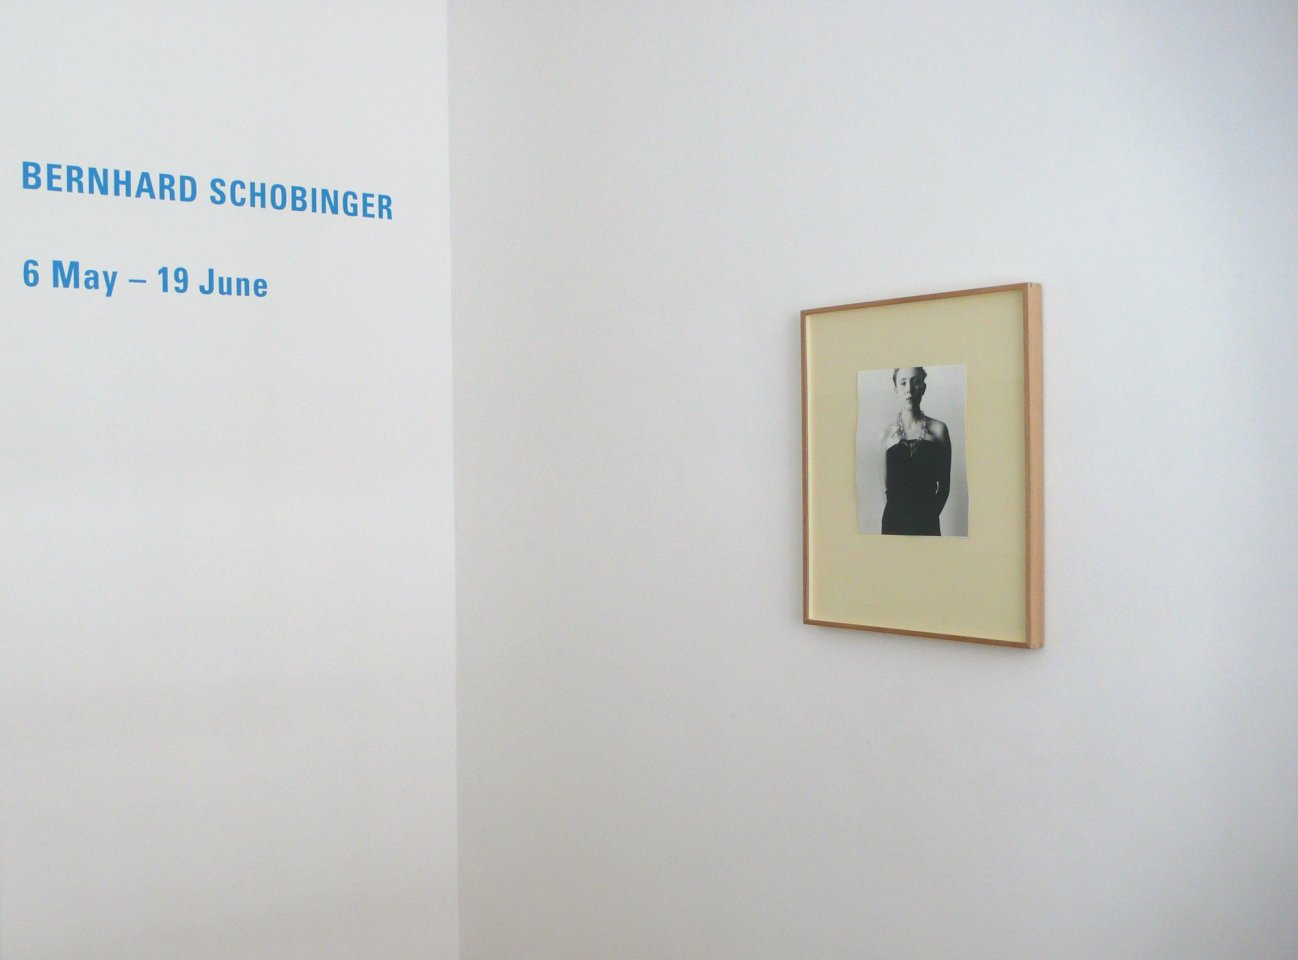 Bernhard Schobinger